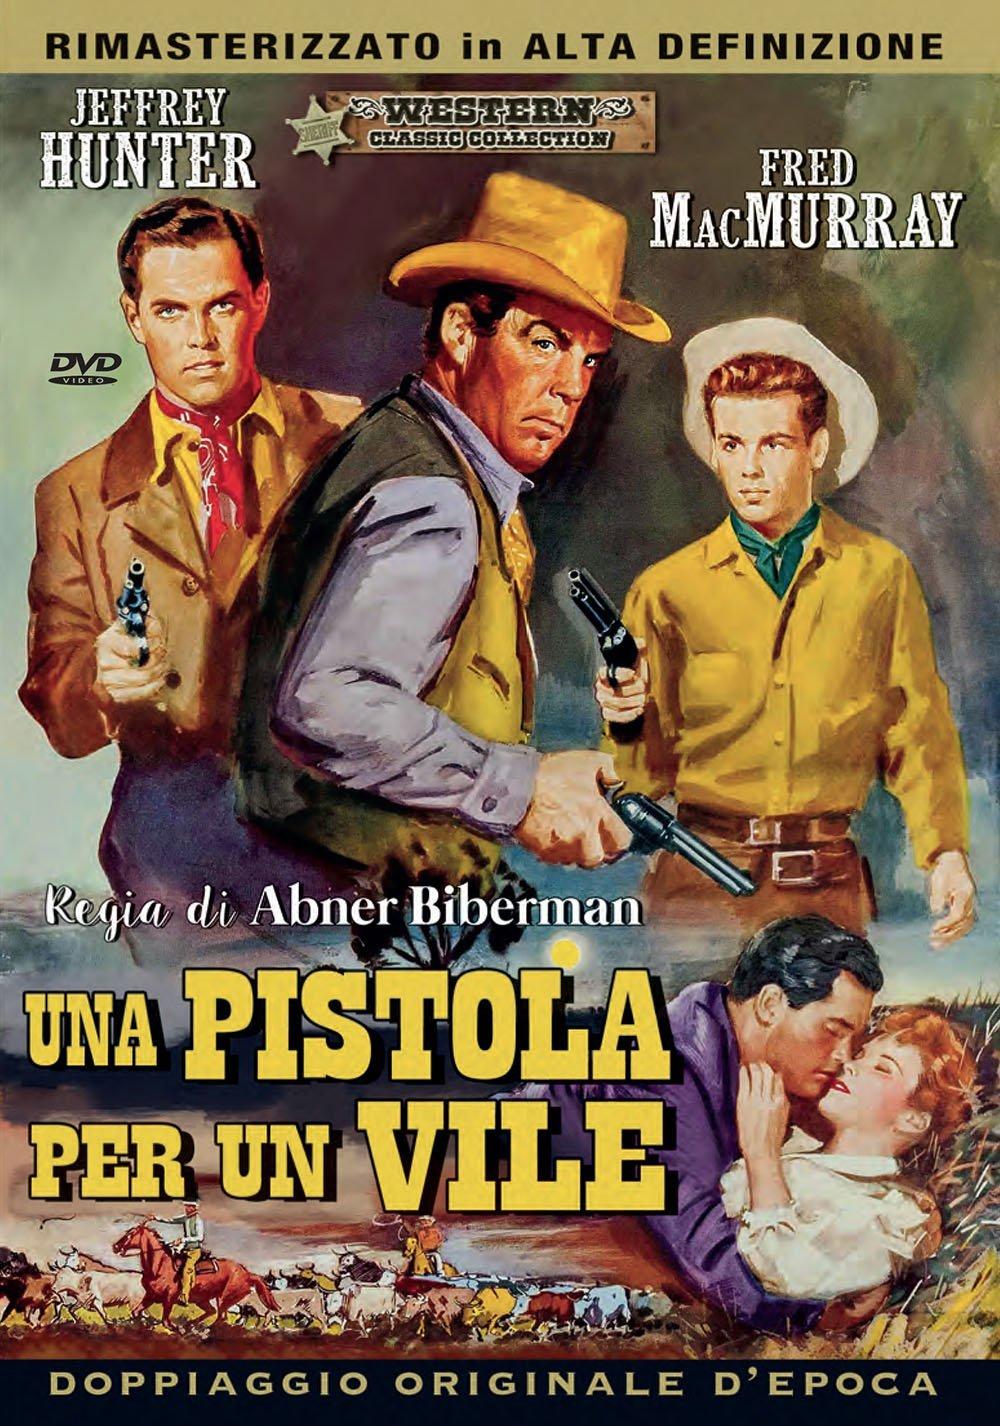 UNA PISTOLA PER UN VILE (DVD)